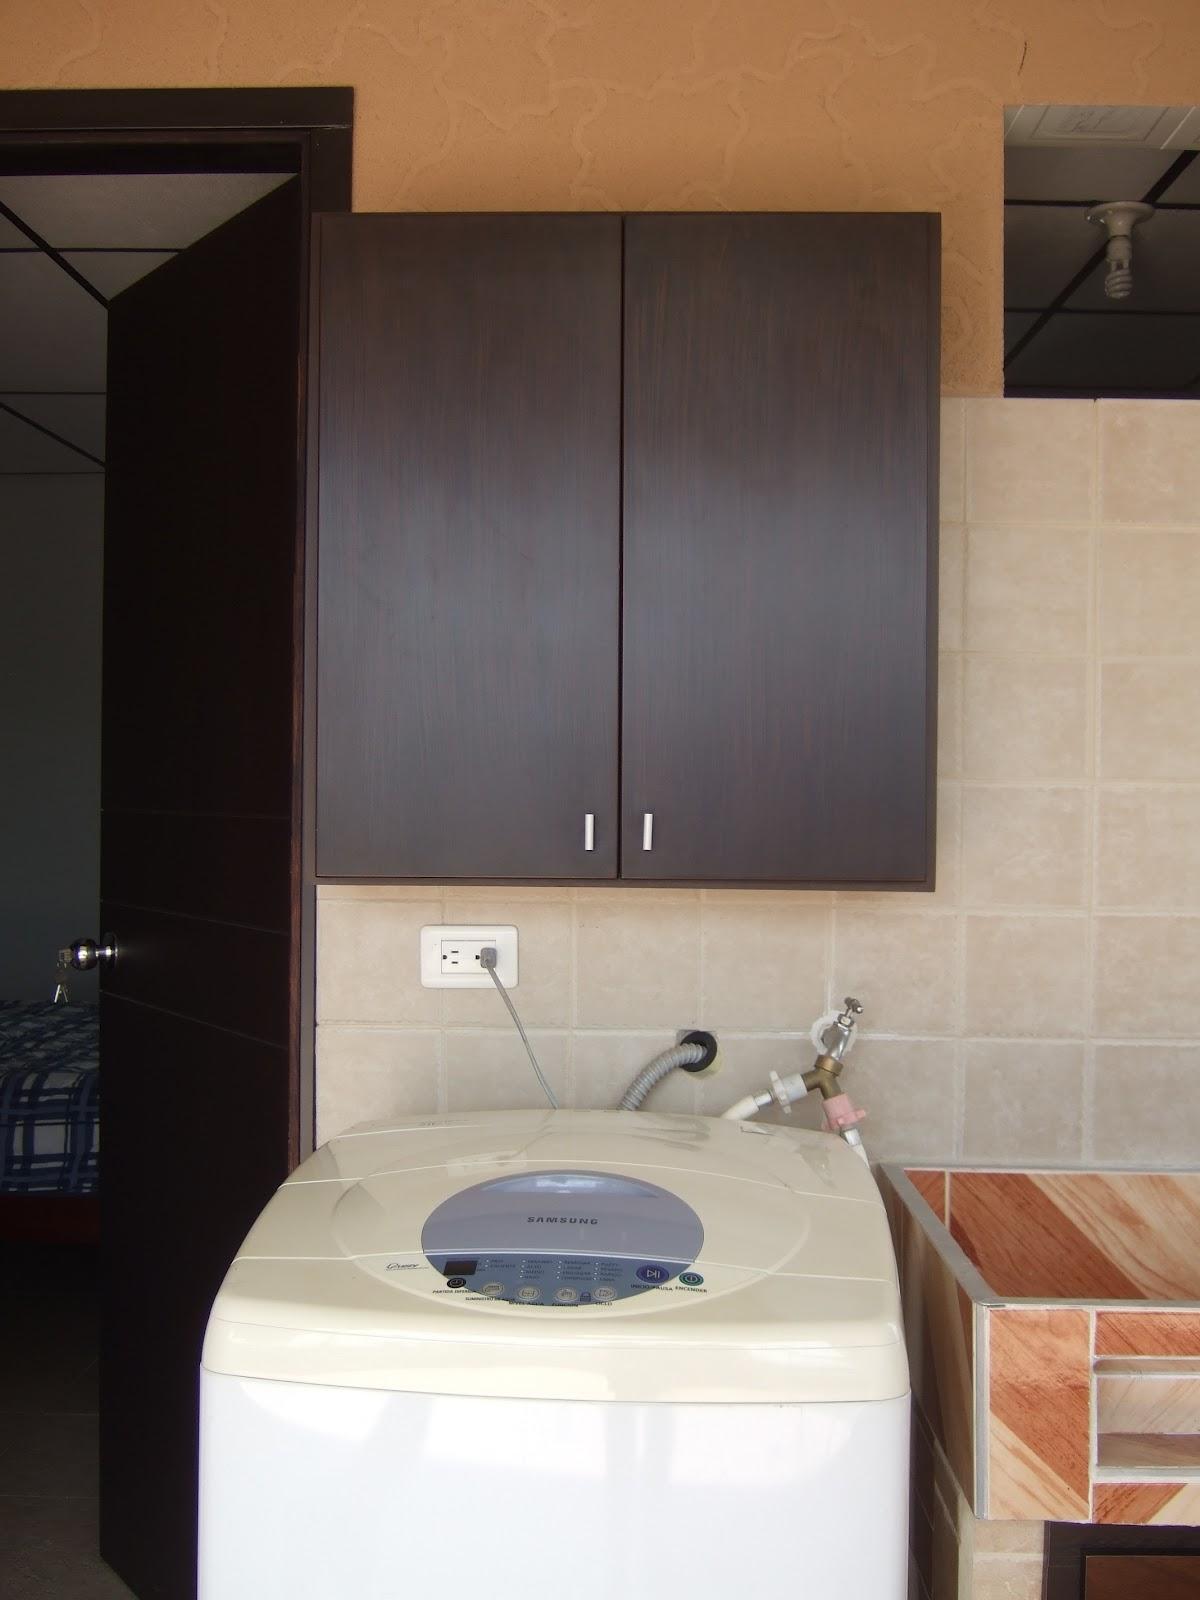 F f cocinas integrales espejos muebles de ba o for Mueble lavadora bano